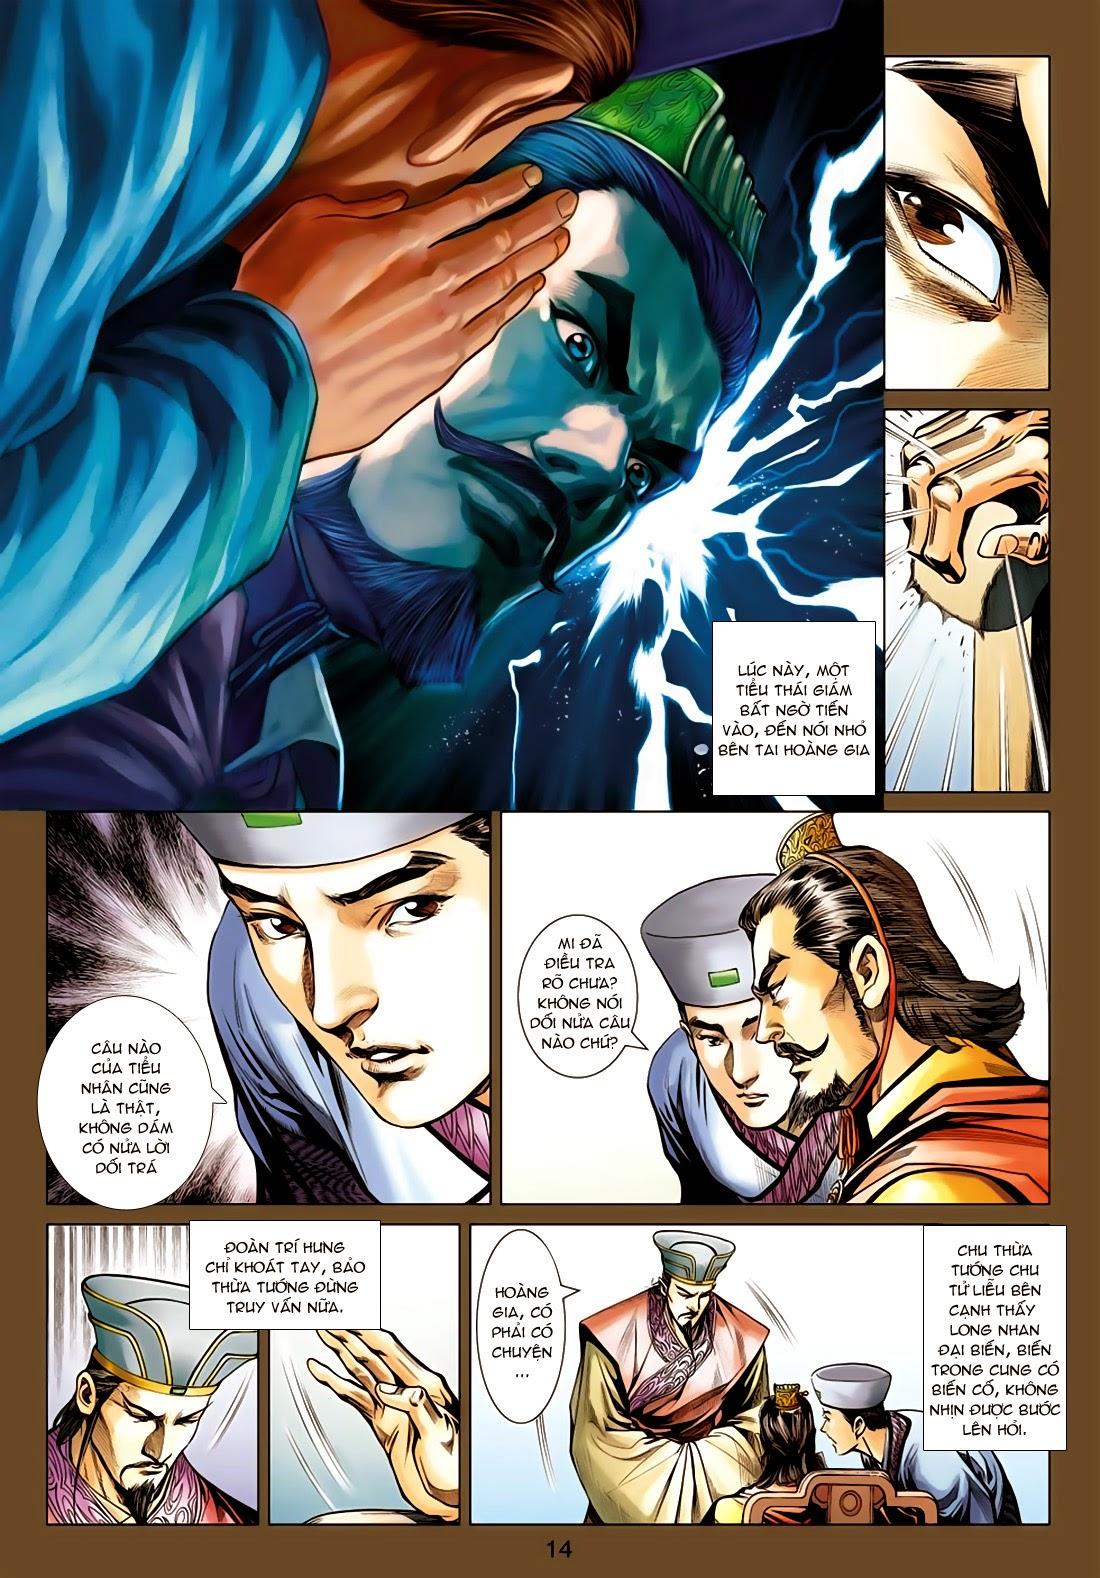 Anh Hùng Xạ Điêu anh hùng xạ đêu chap 77: thế thượng tối cường võ công trang 14